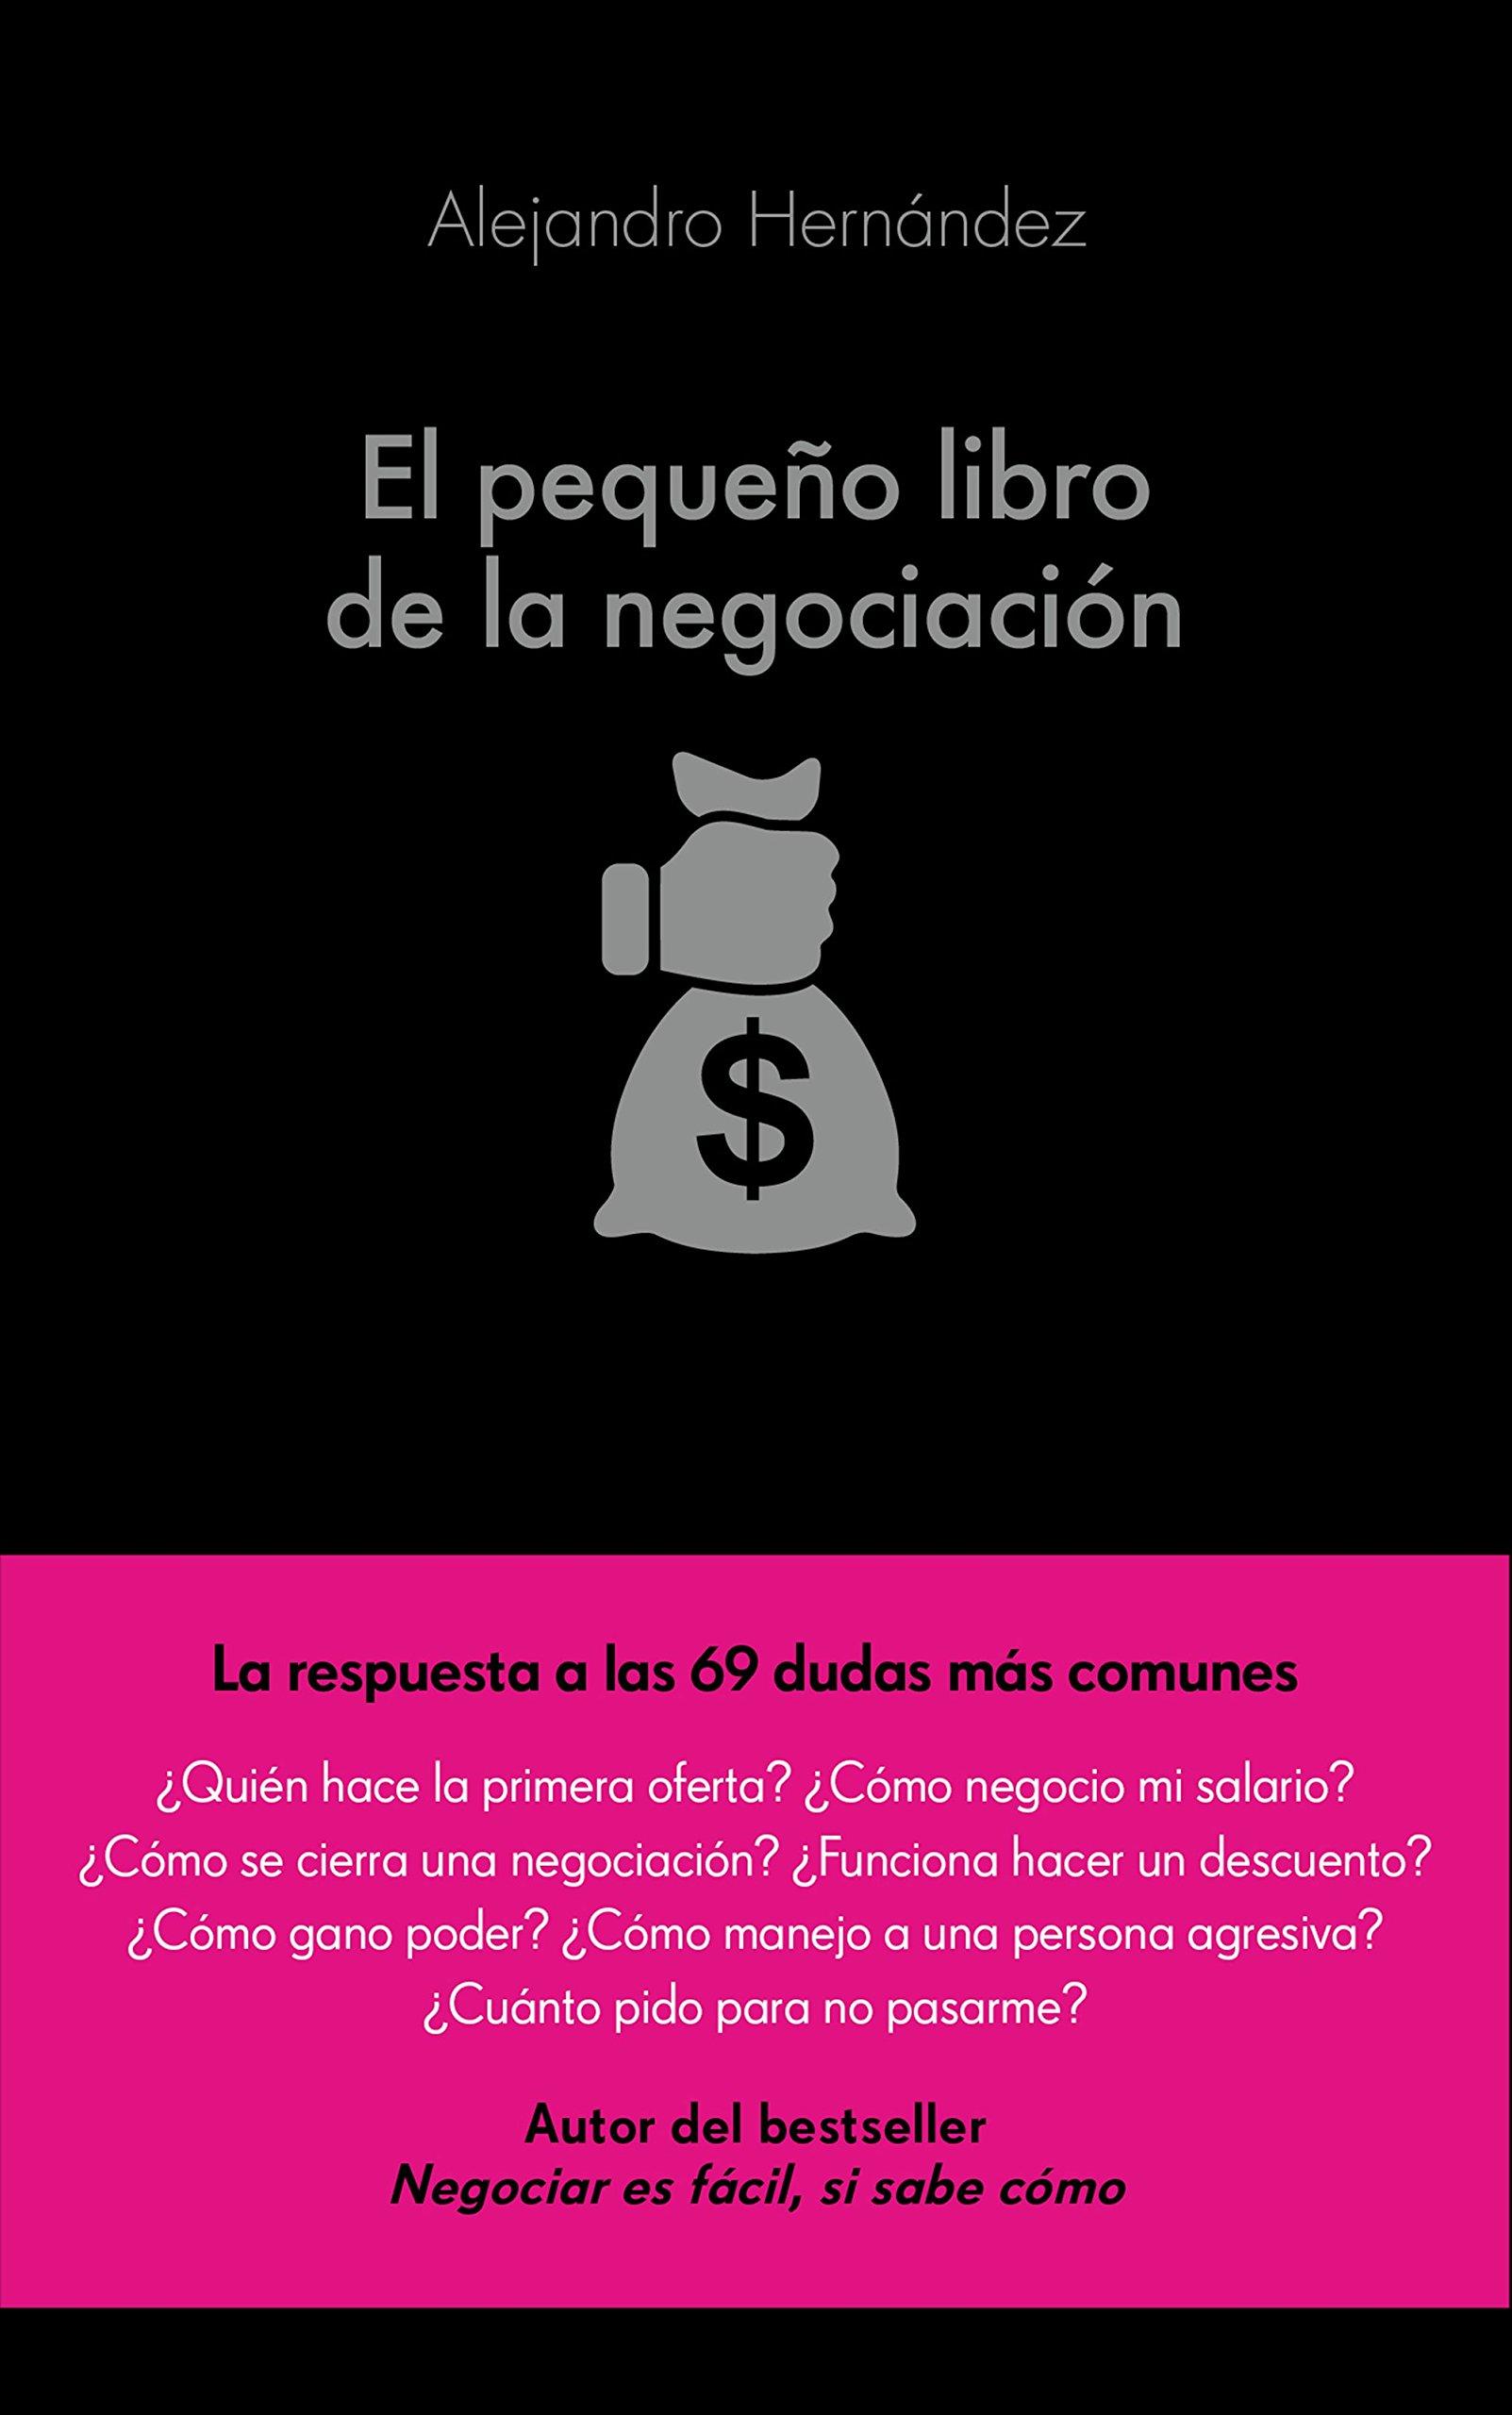 El pequeño libro de la negociación COLECCION ALIENTA: Amazon.es: Alejandro  Hernández: Libros